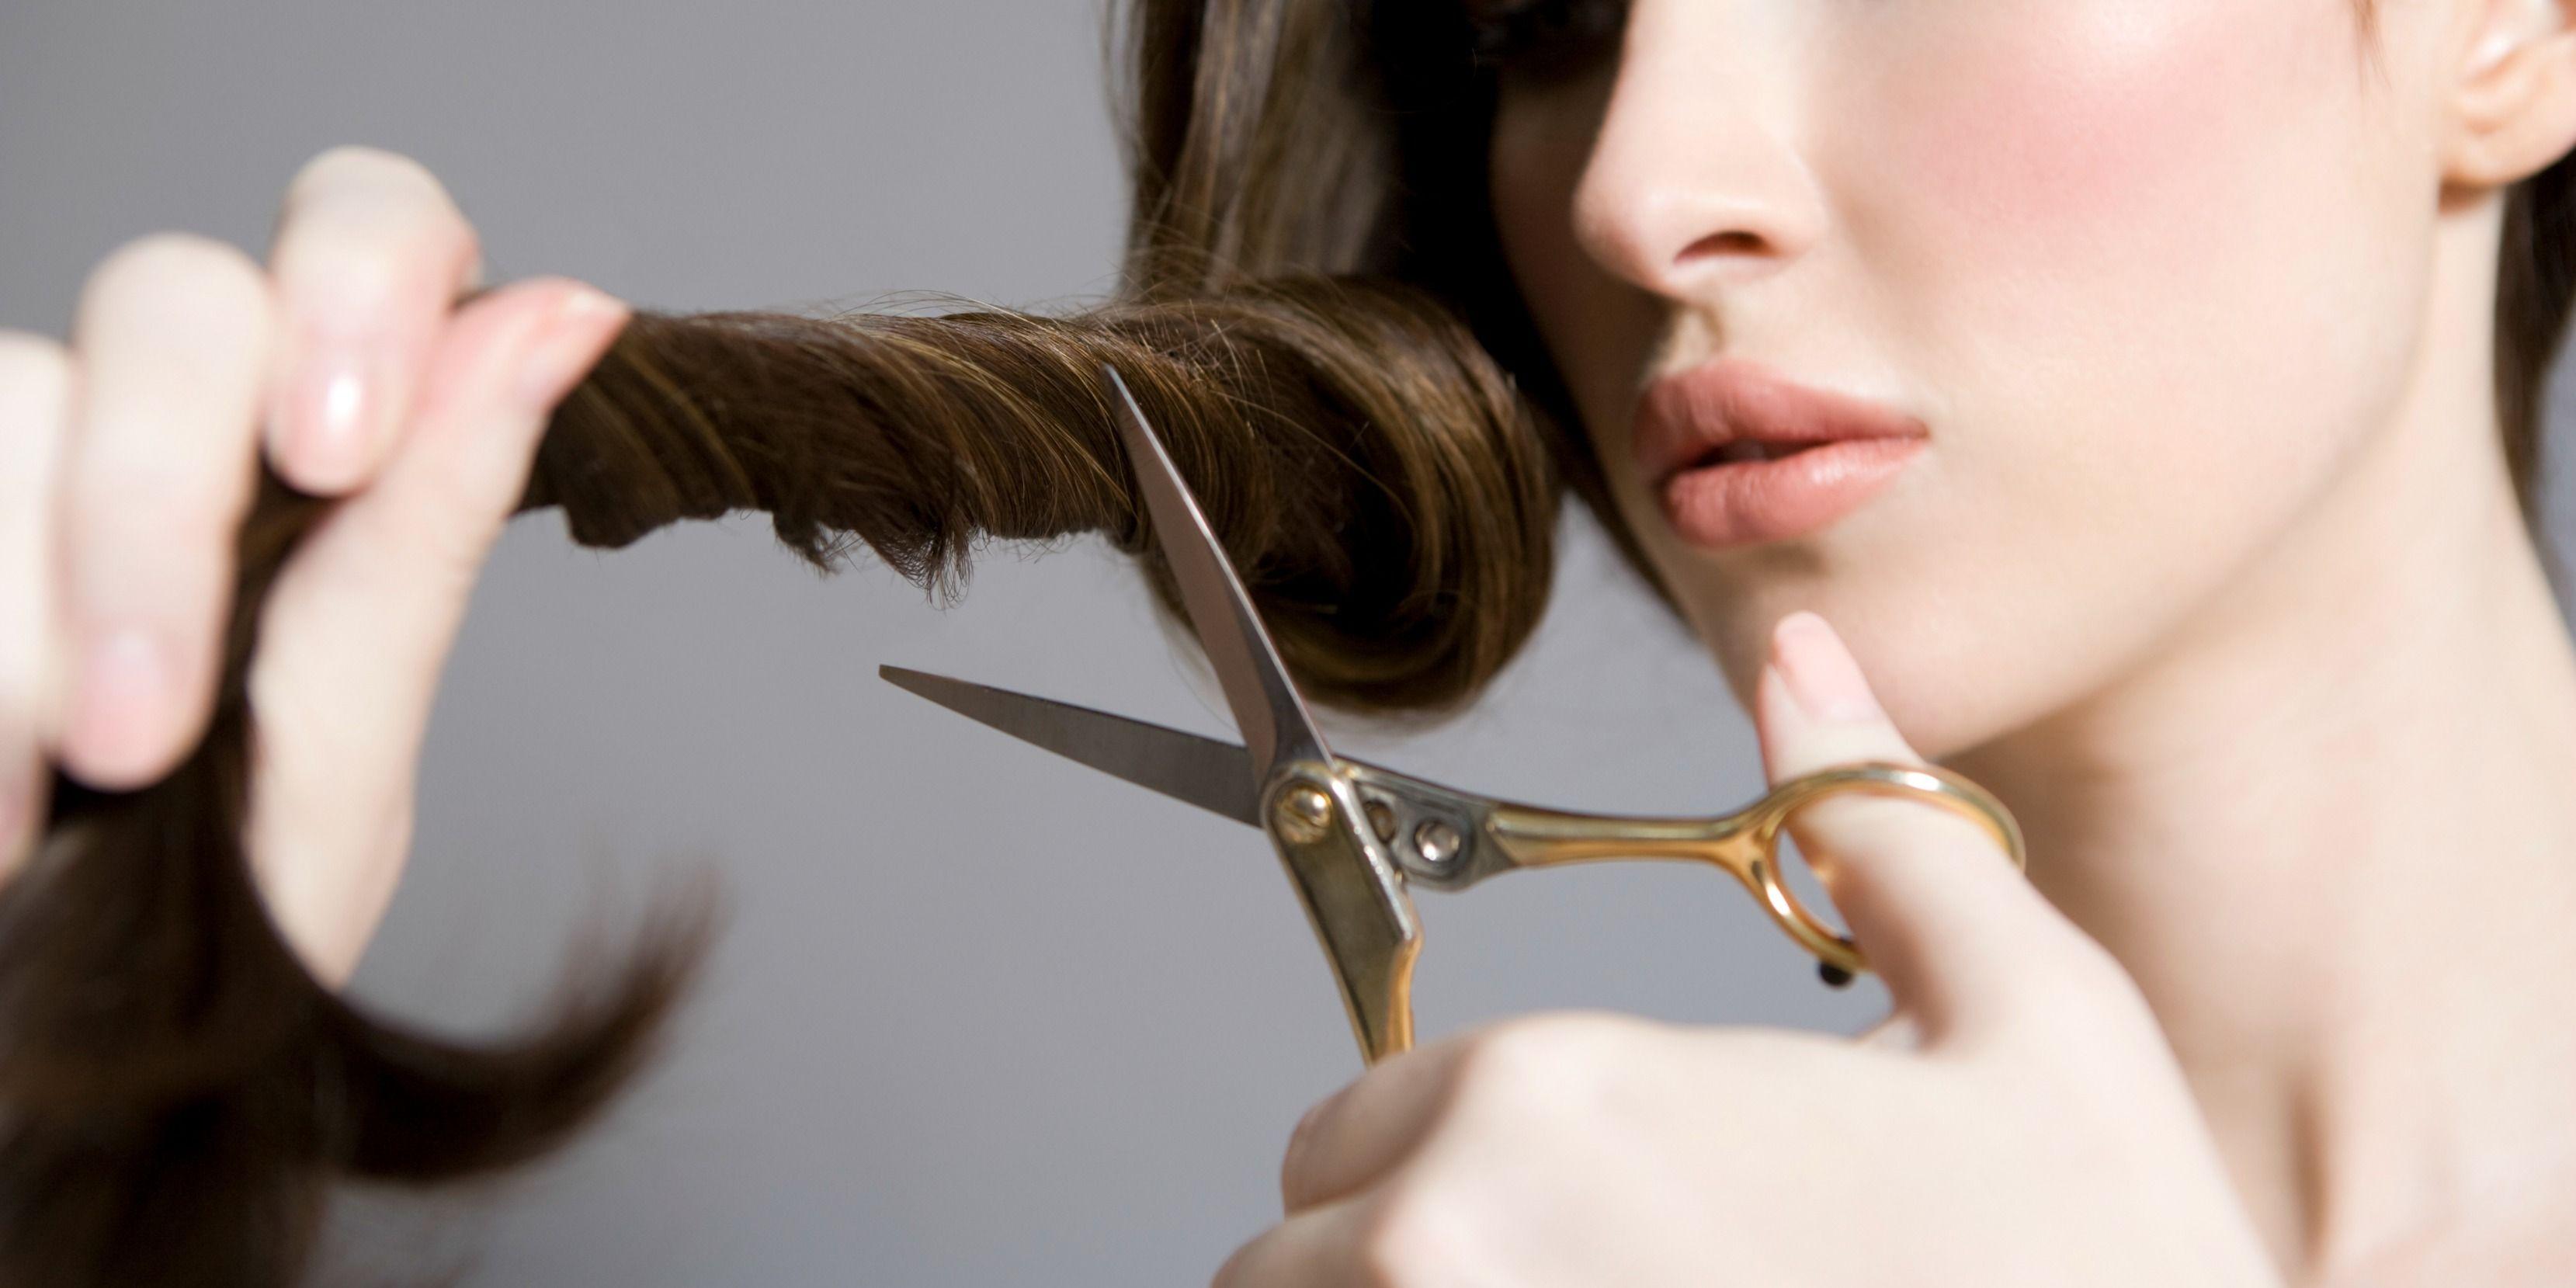 You should never cut your own hair diy haircut advice solutioingenieria Choice Image